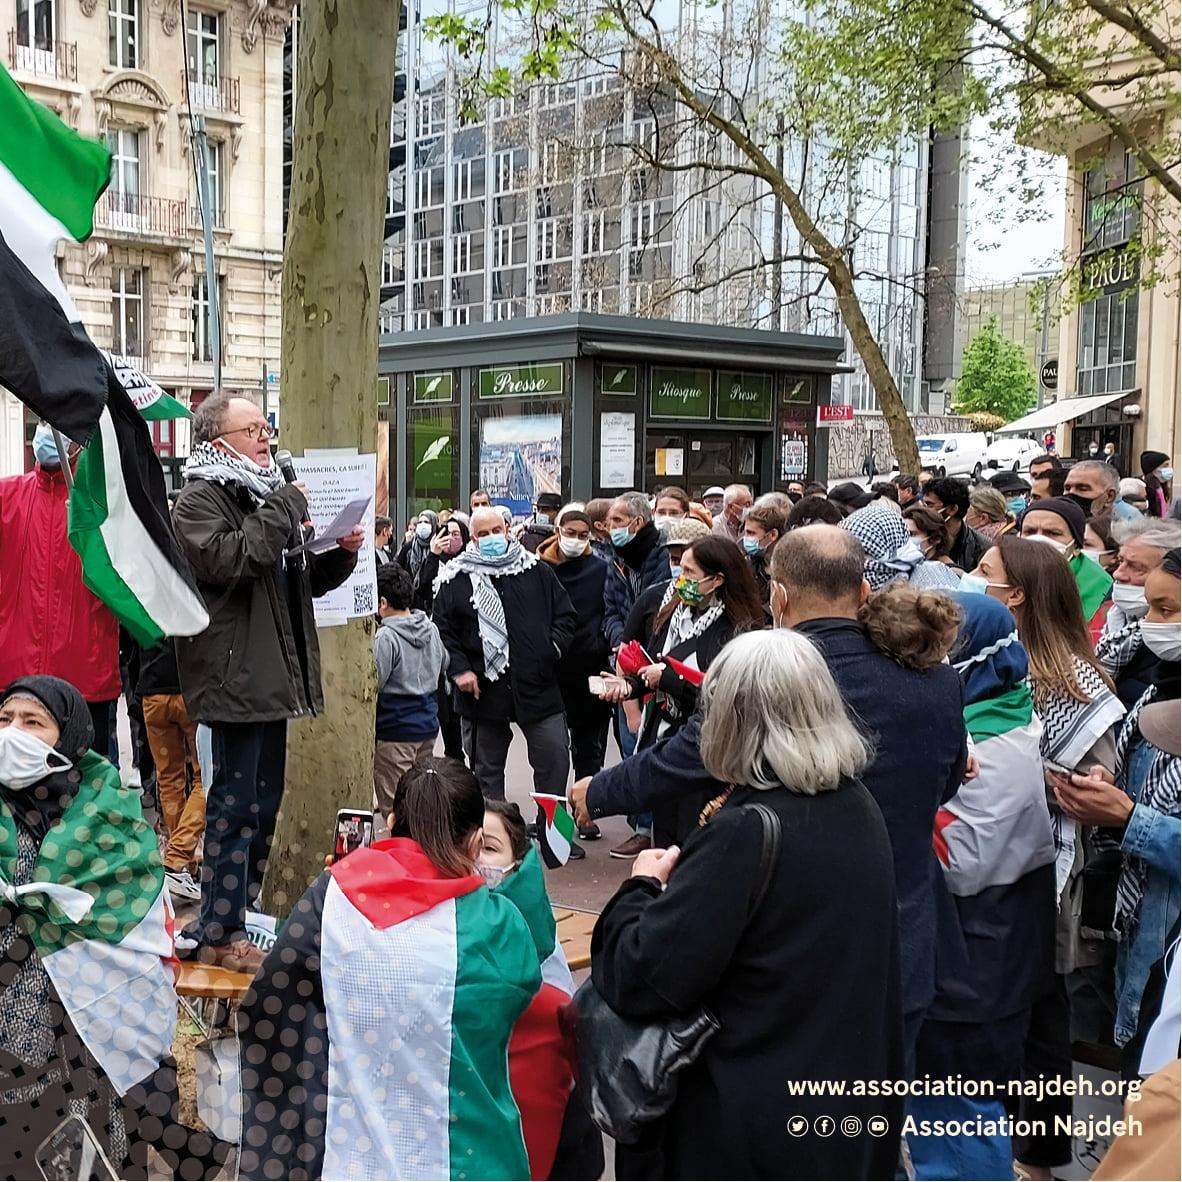 مسيرة حاشدة في نانسي/فرنسا لمناصرة الشعب الفلسطيني